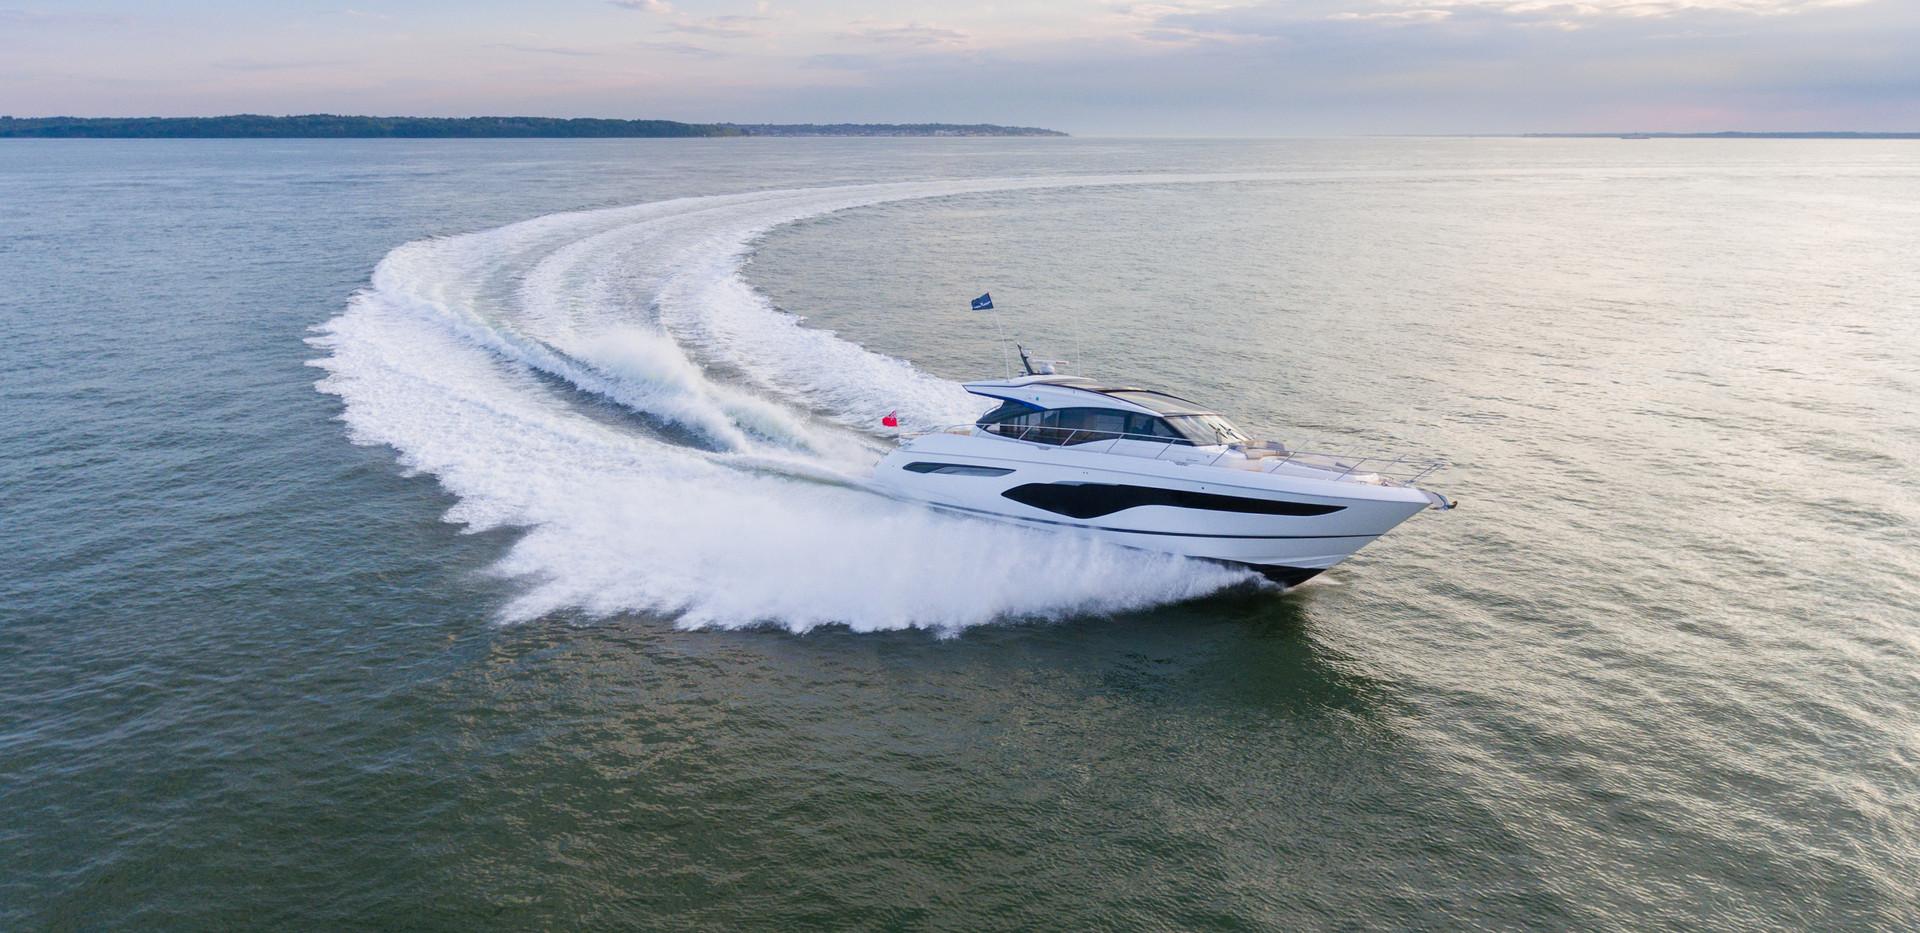 v60-exterior-white-hull-1Abromowitz Shar